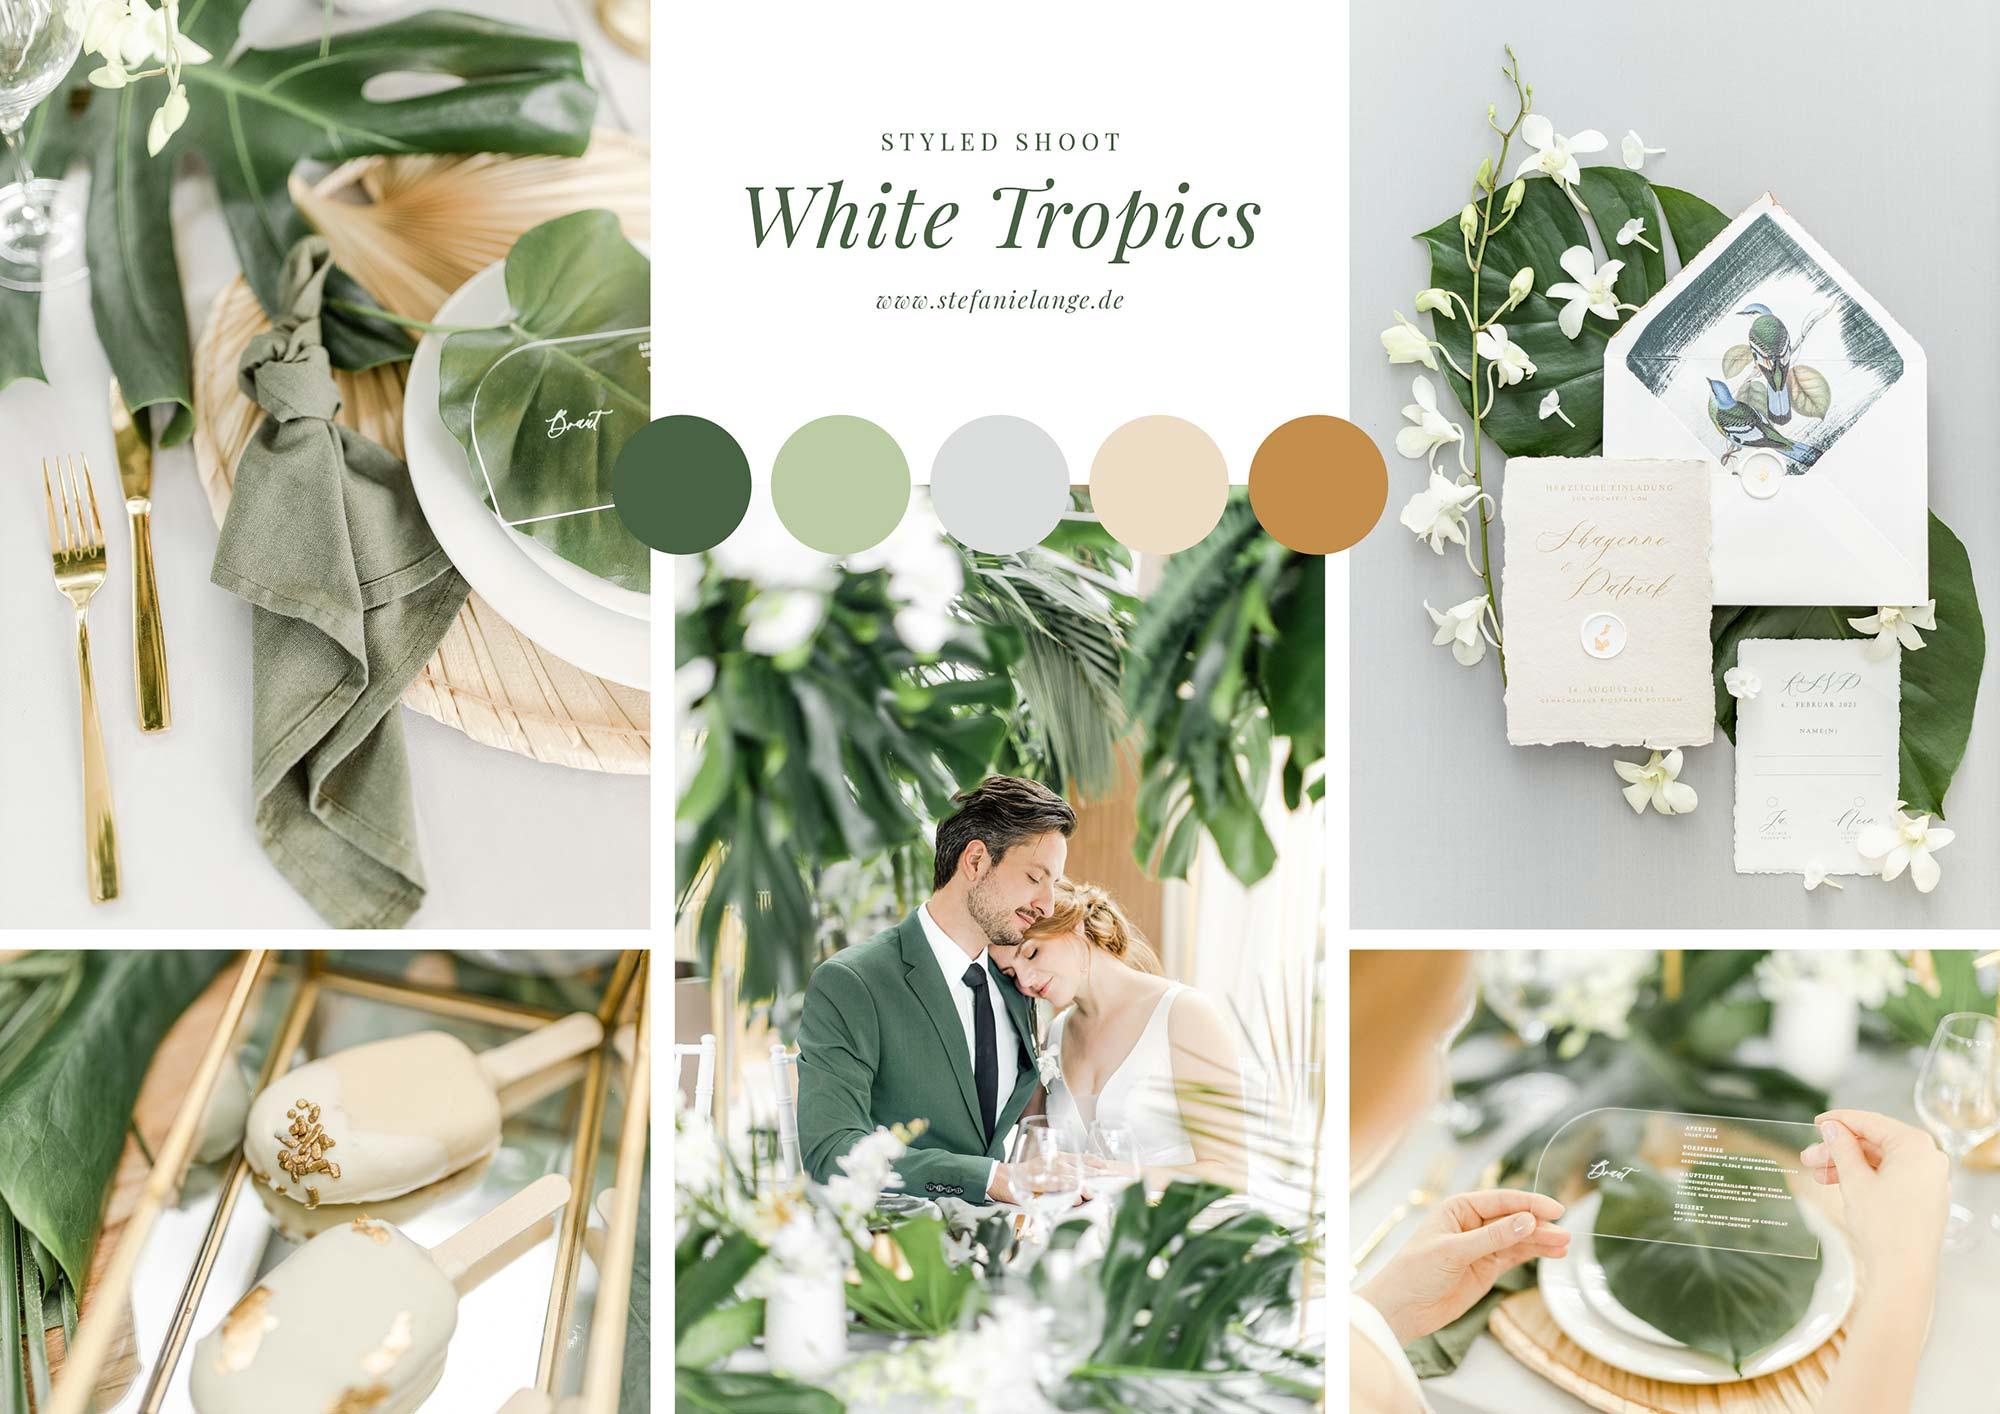 White Tropical - Moodboard vom Styled Shoot für Blogbeitrag zum Thema individuelles Hochzeitskonzept